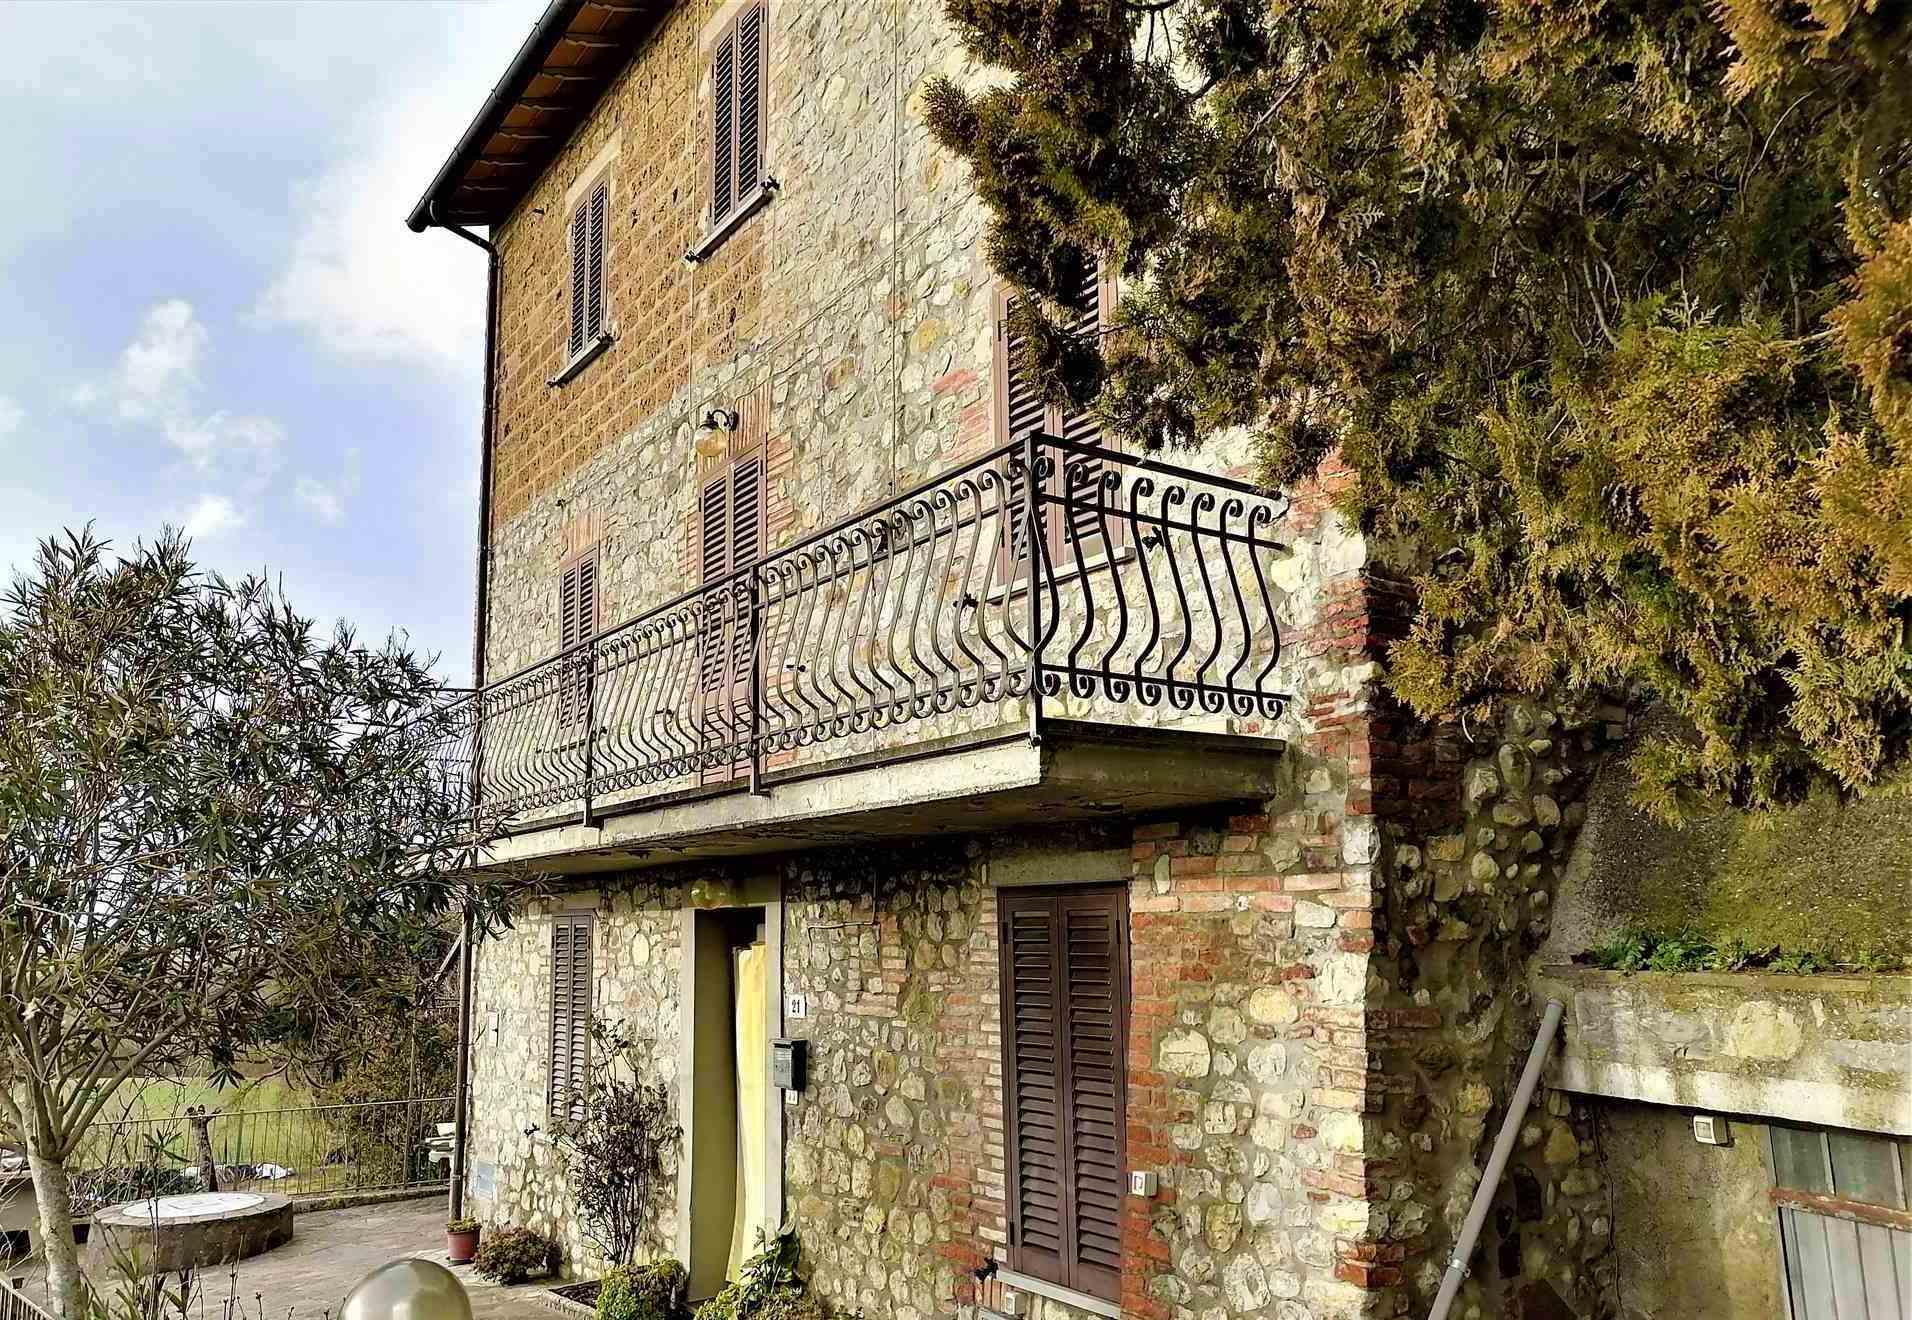 Soluzione Indipendente in vendita a Monteleone d'Orvieto, 6 locali, zona Zona: Spiazzolino, prezzo € 75.000   CambioCasa.it